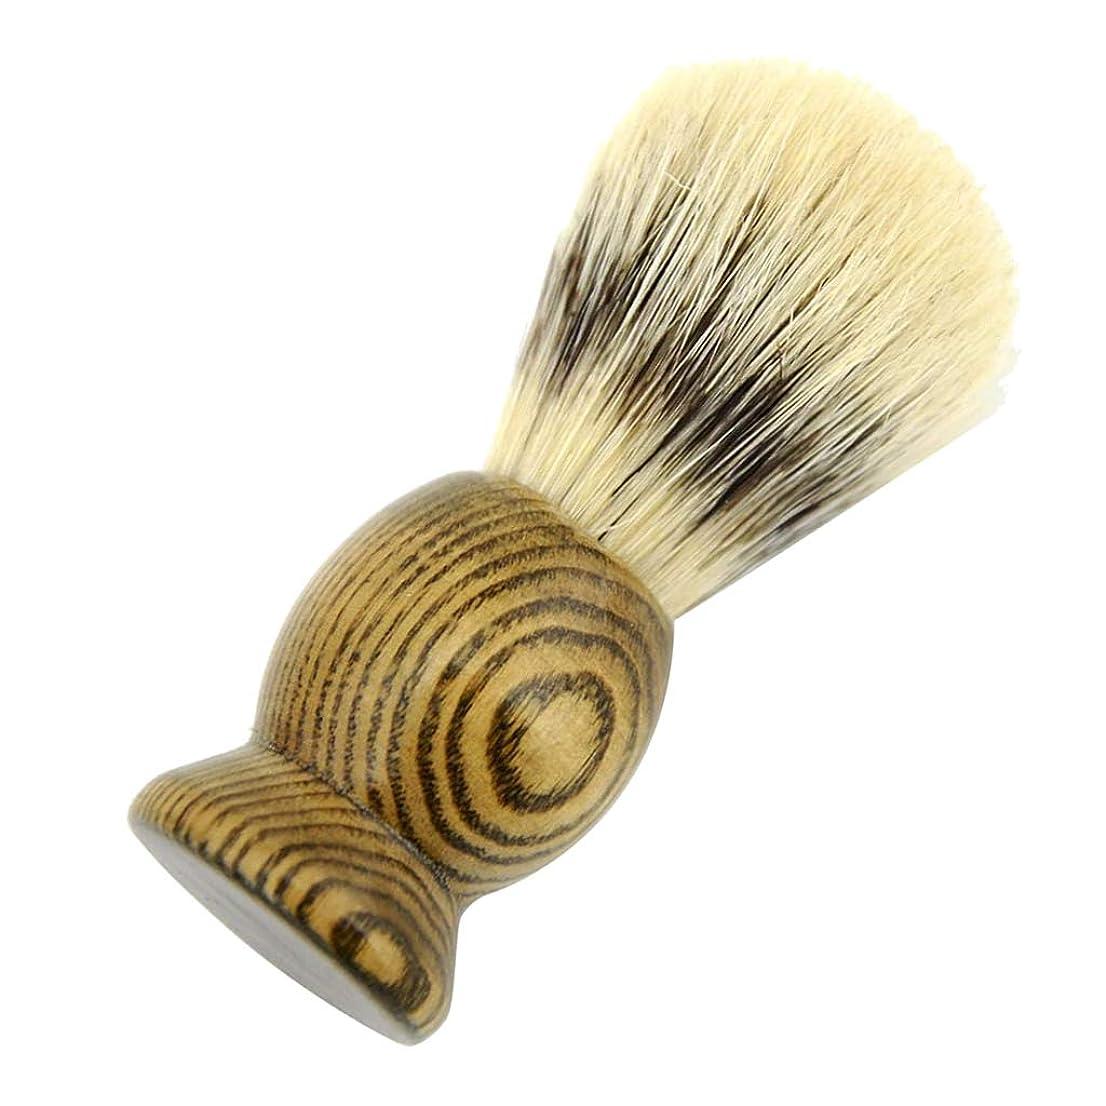 マニアック黙認する極地sharprepublic ひげブラシ メンズ シェービングブラシ 髭剃り 理容 洗顔 ポータブルひげ剃り美容ツール